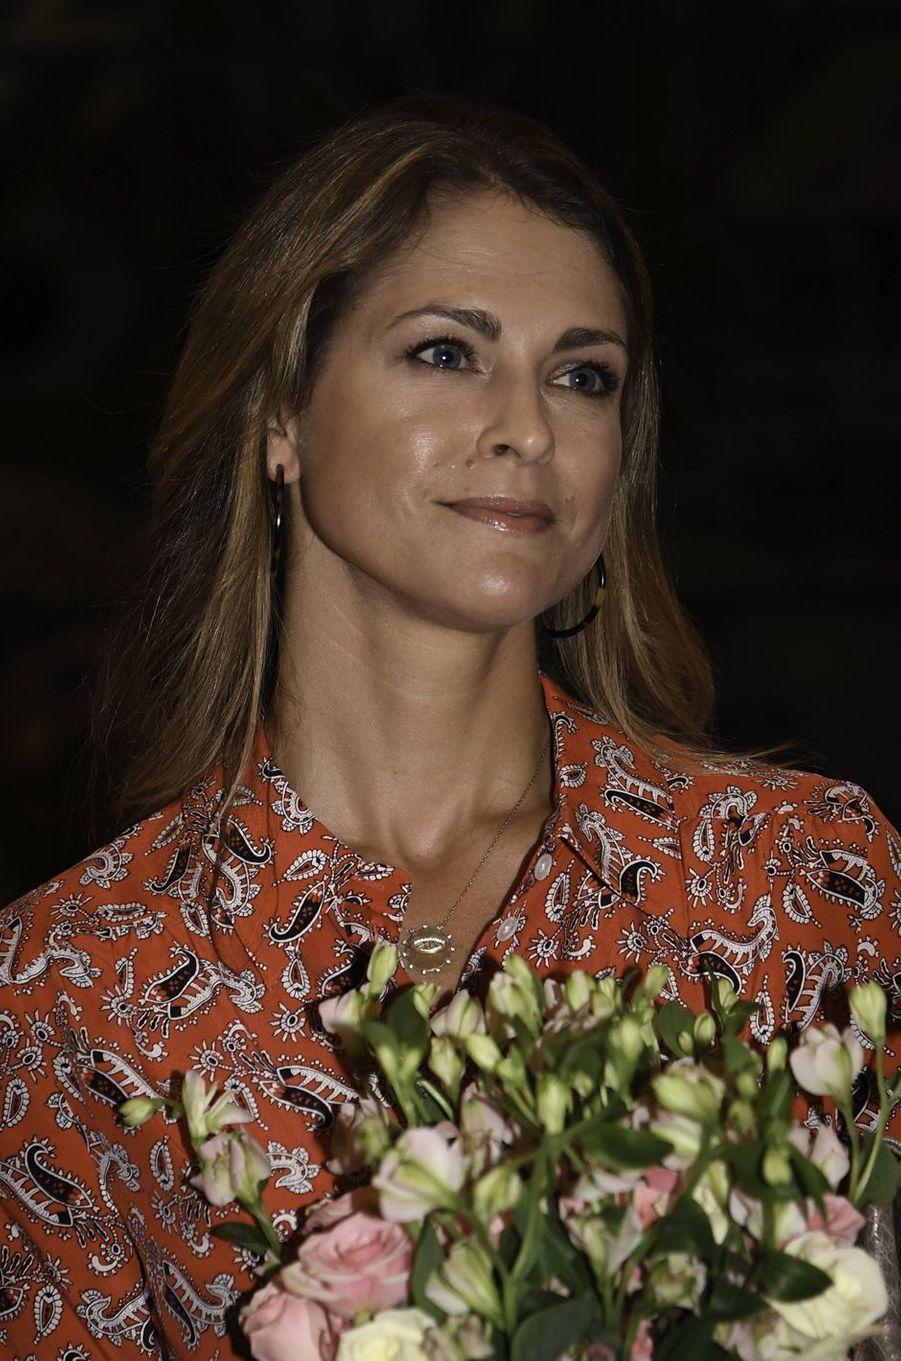 La princesse Madeleine de Suède à Fort Lauderdale en Floride, le 3 novembre 2019